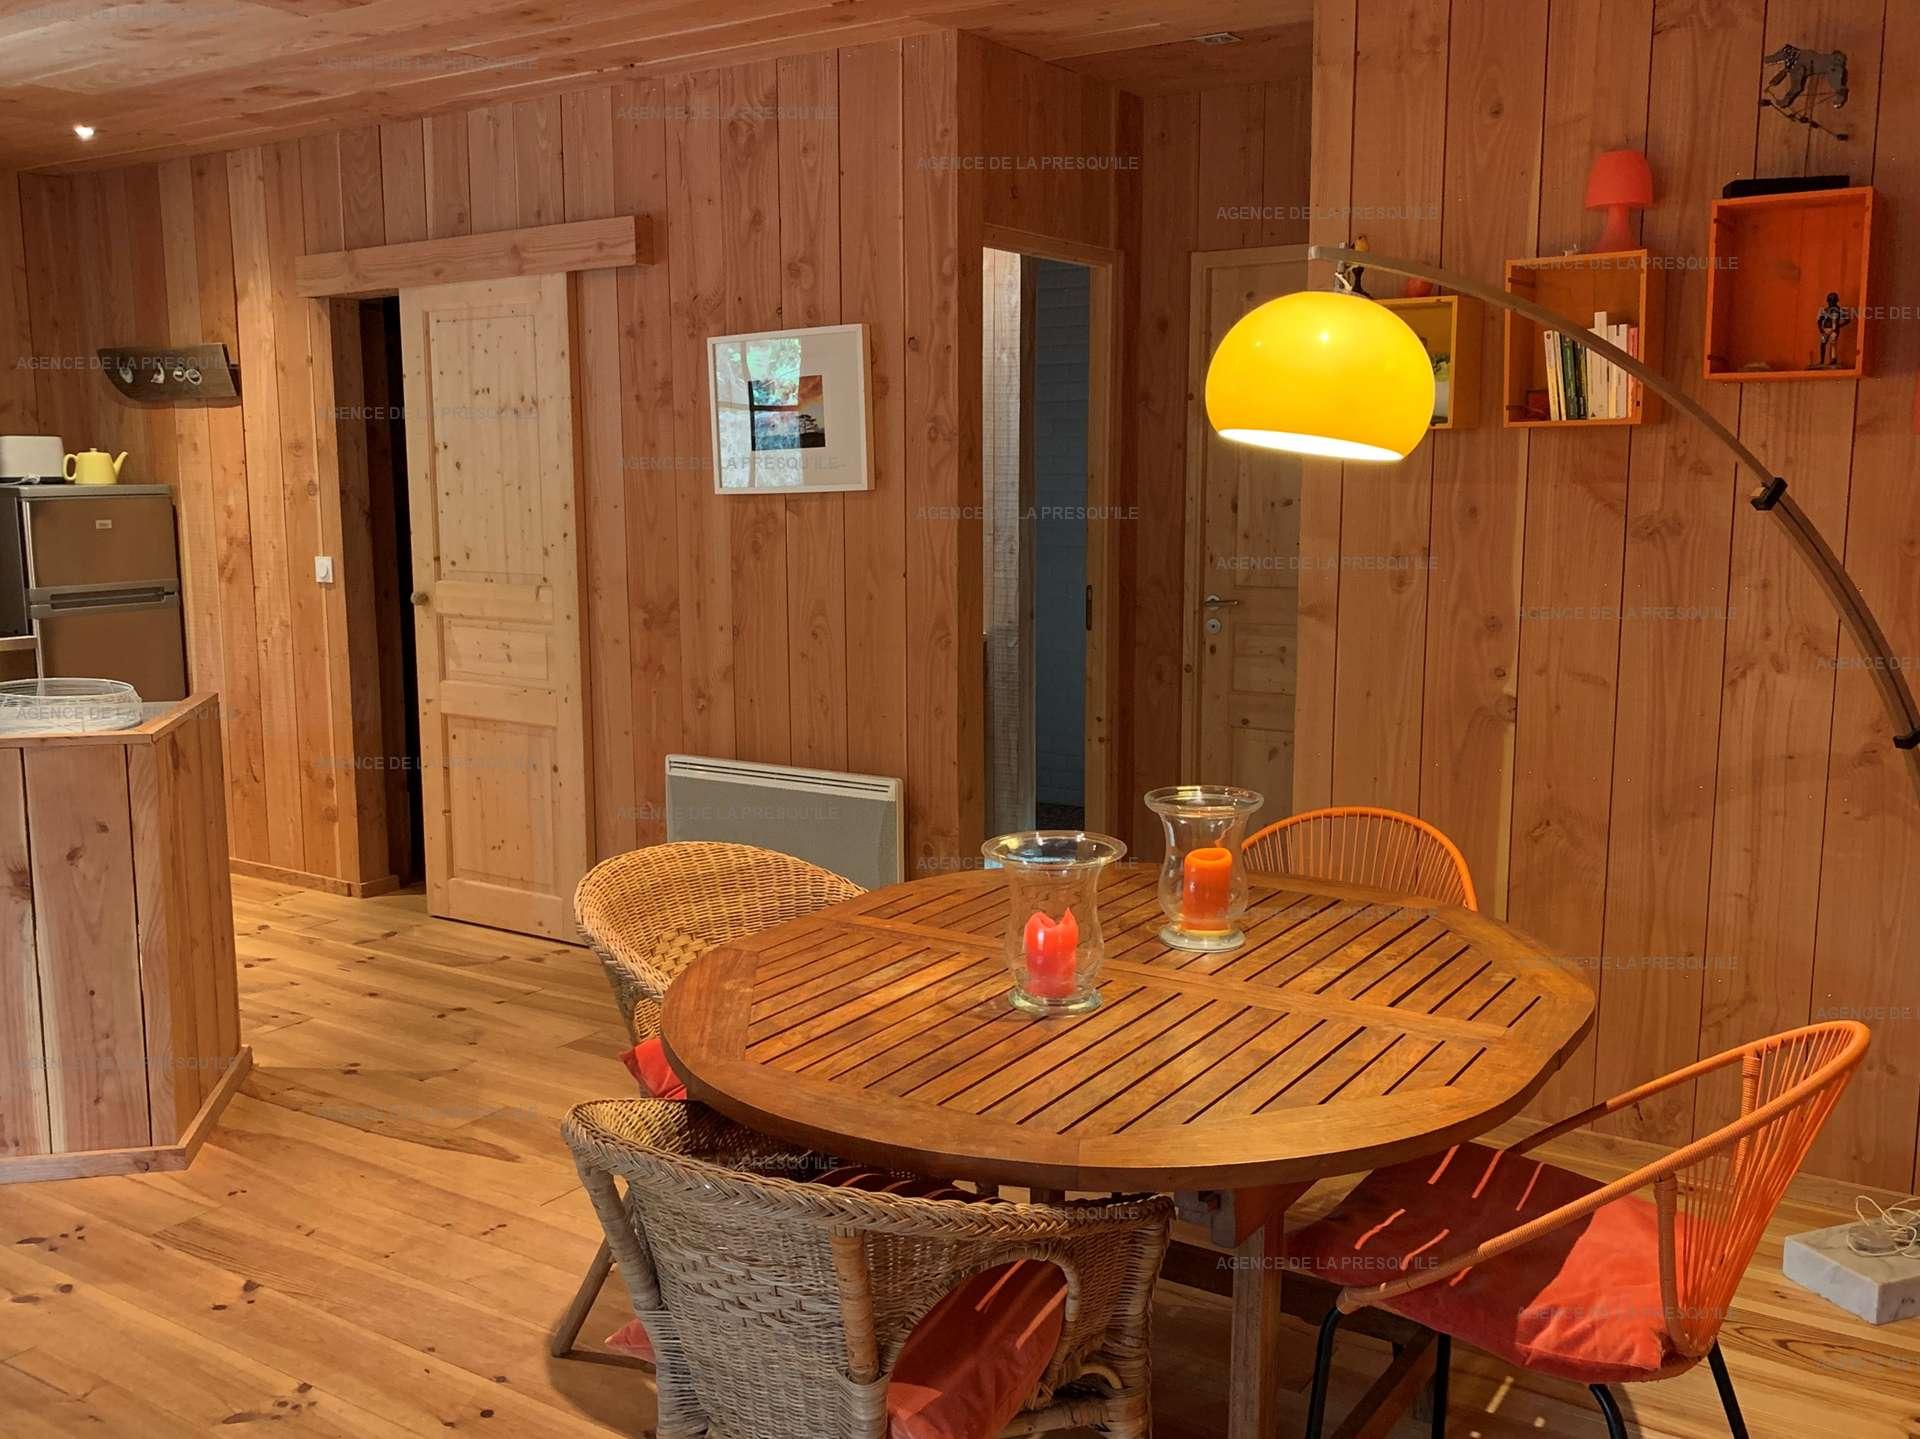 Location: Jolie cabane mitoyenne en bois proche de l'océan 5